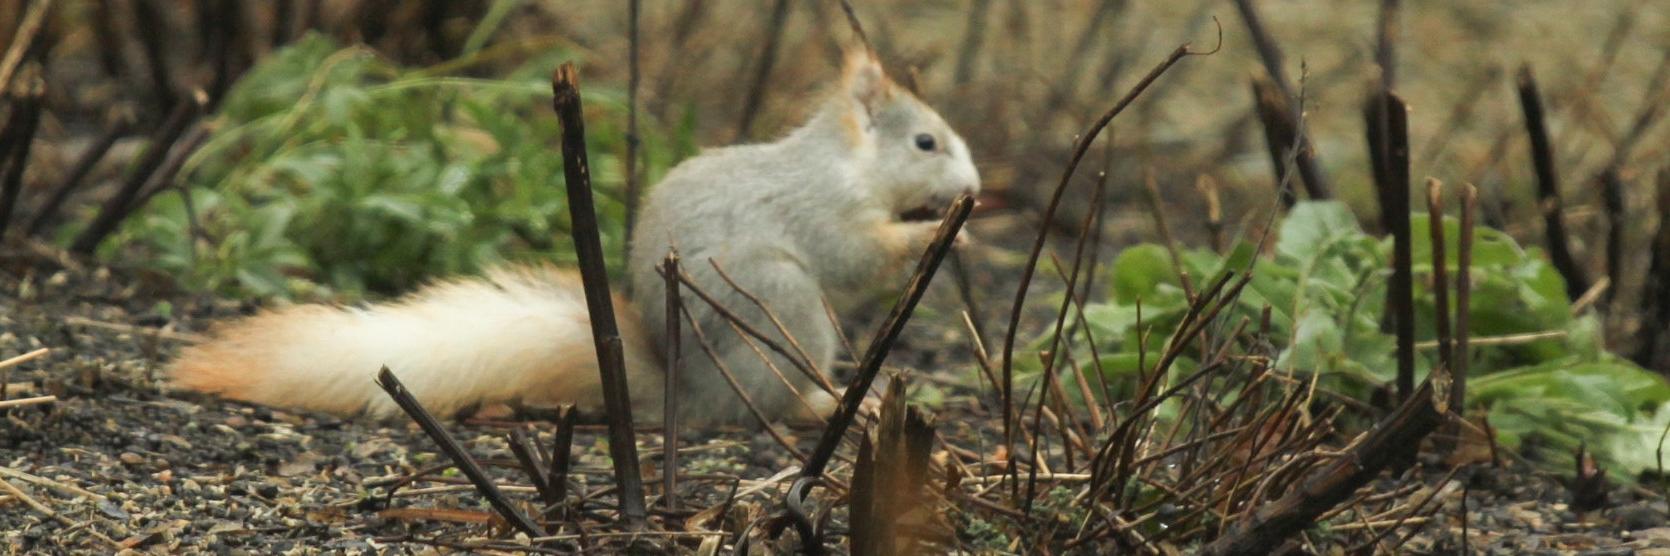 Witte eekhoorn in Bazel - Magda Wouman